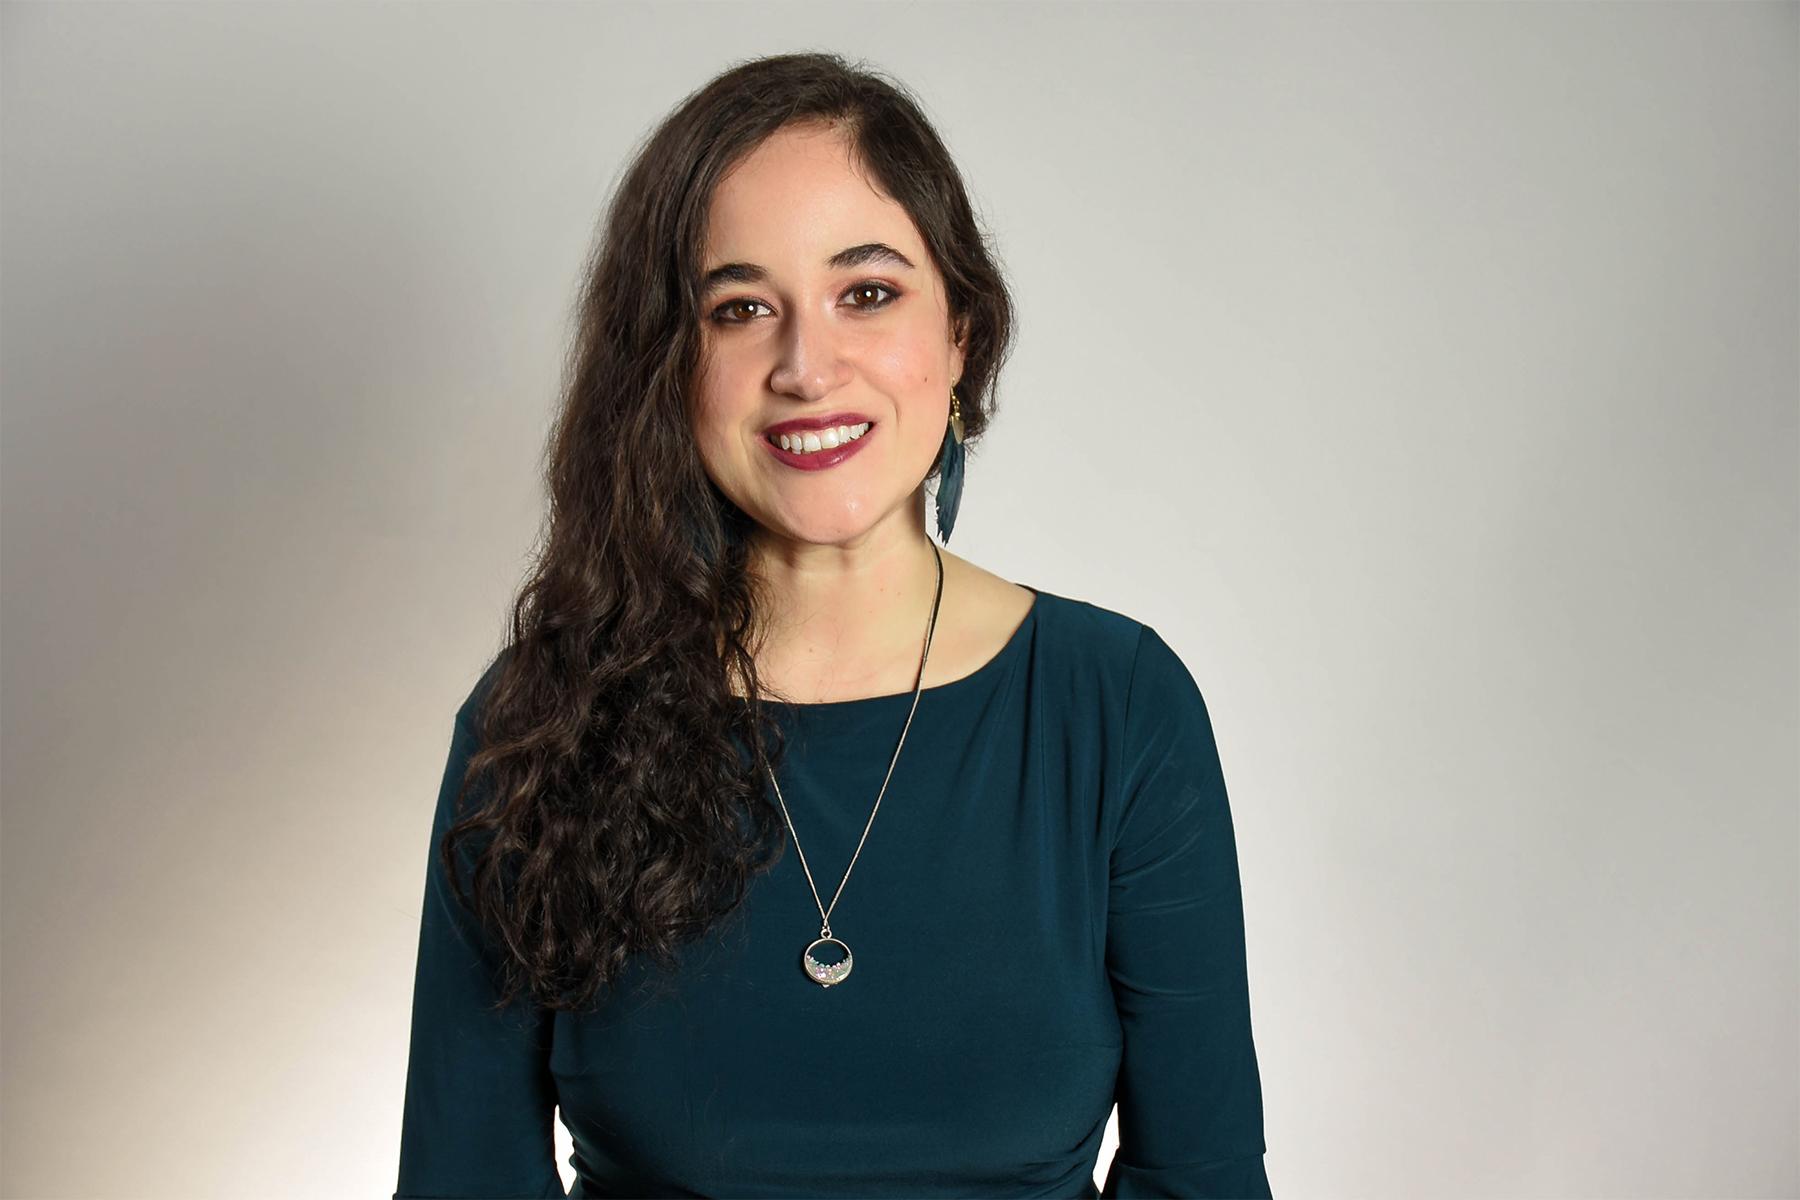 Sofia Lafaire, graphic designer